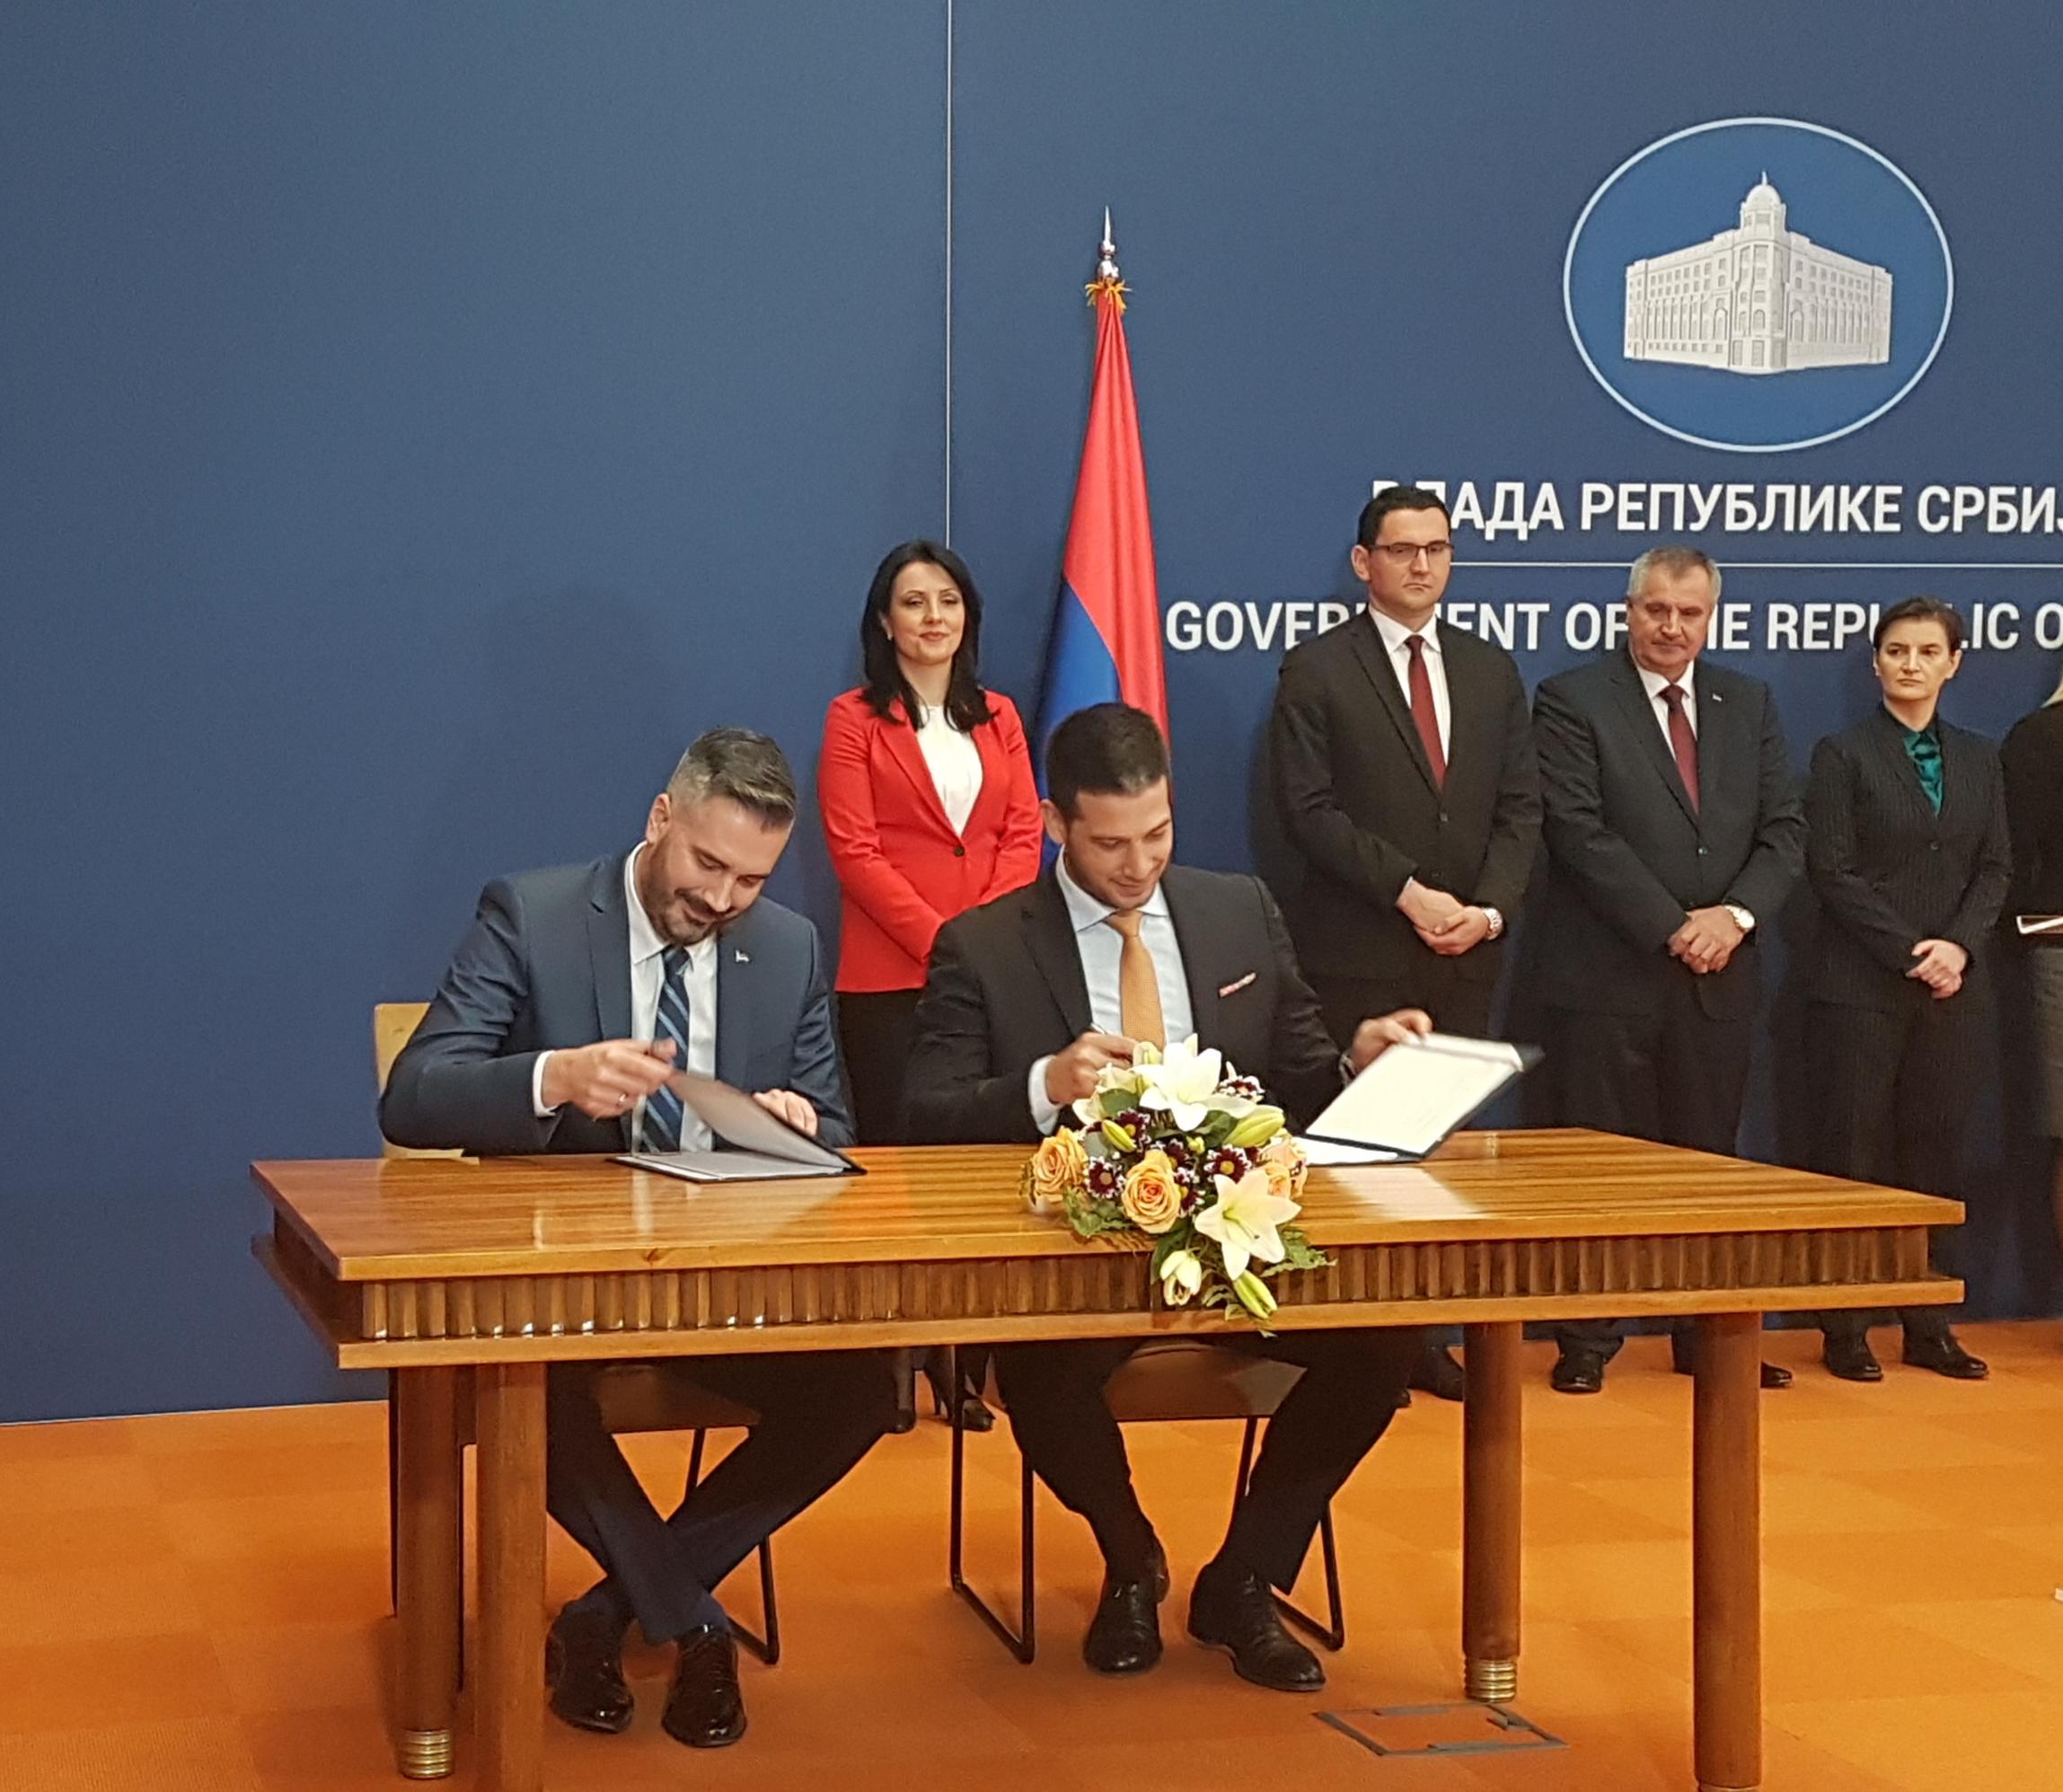 Potpisan Memorandum o saradnji u oblasti stipendiranja mladih talenata Republike Srbije i Republike Srpske